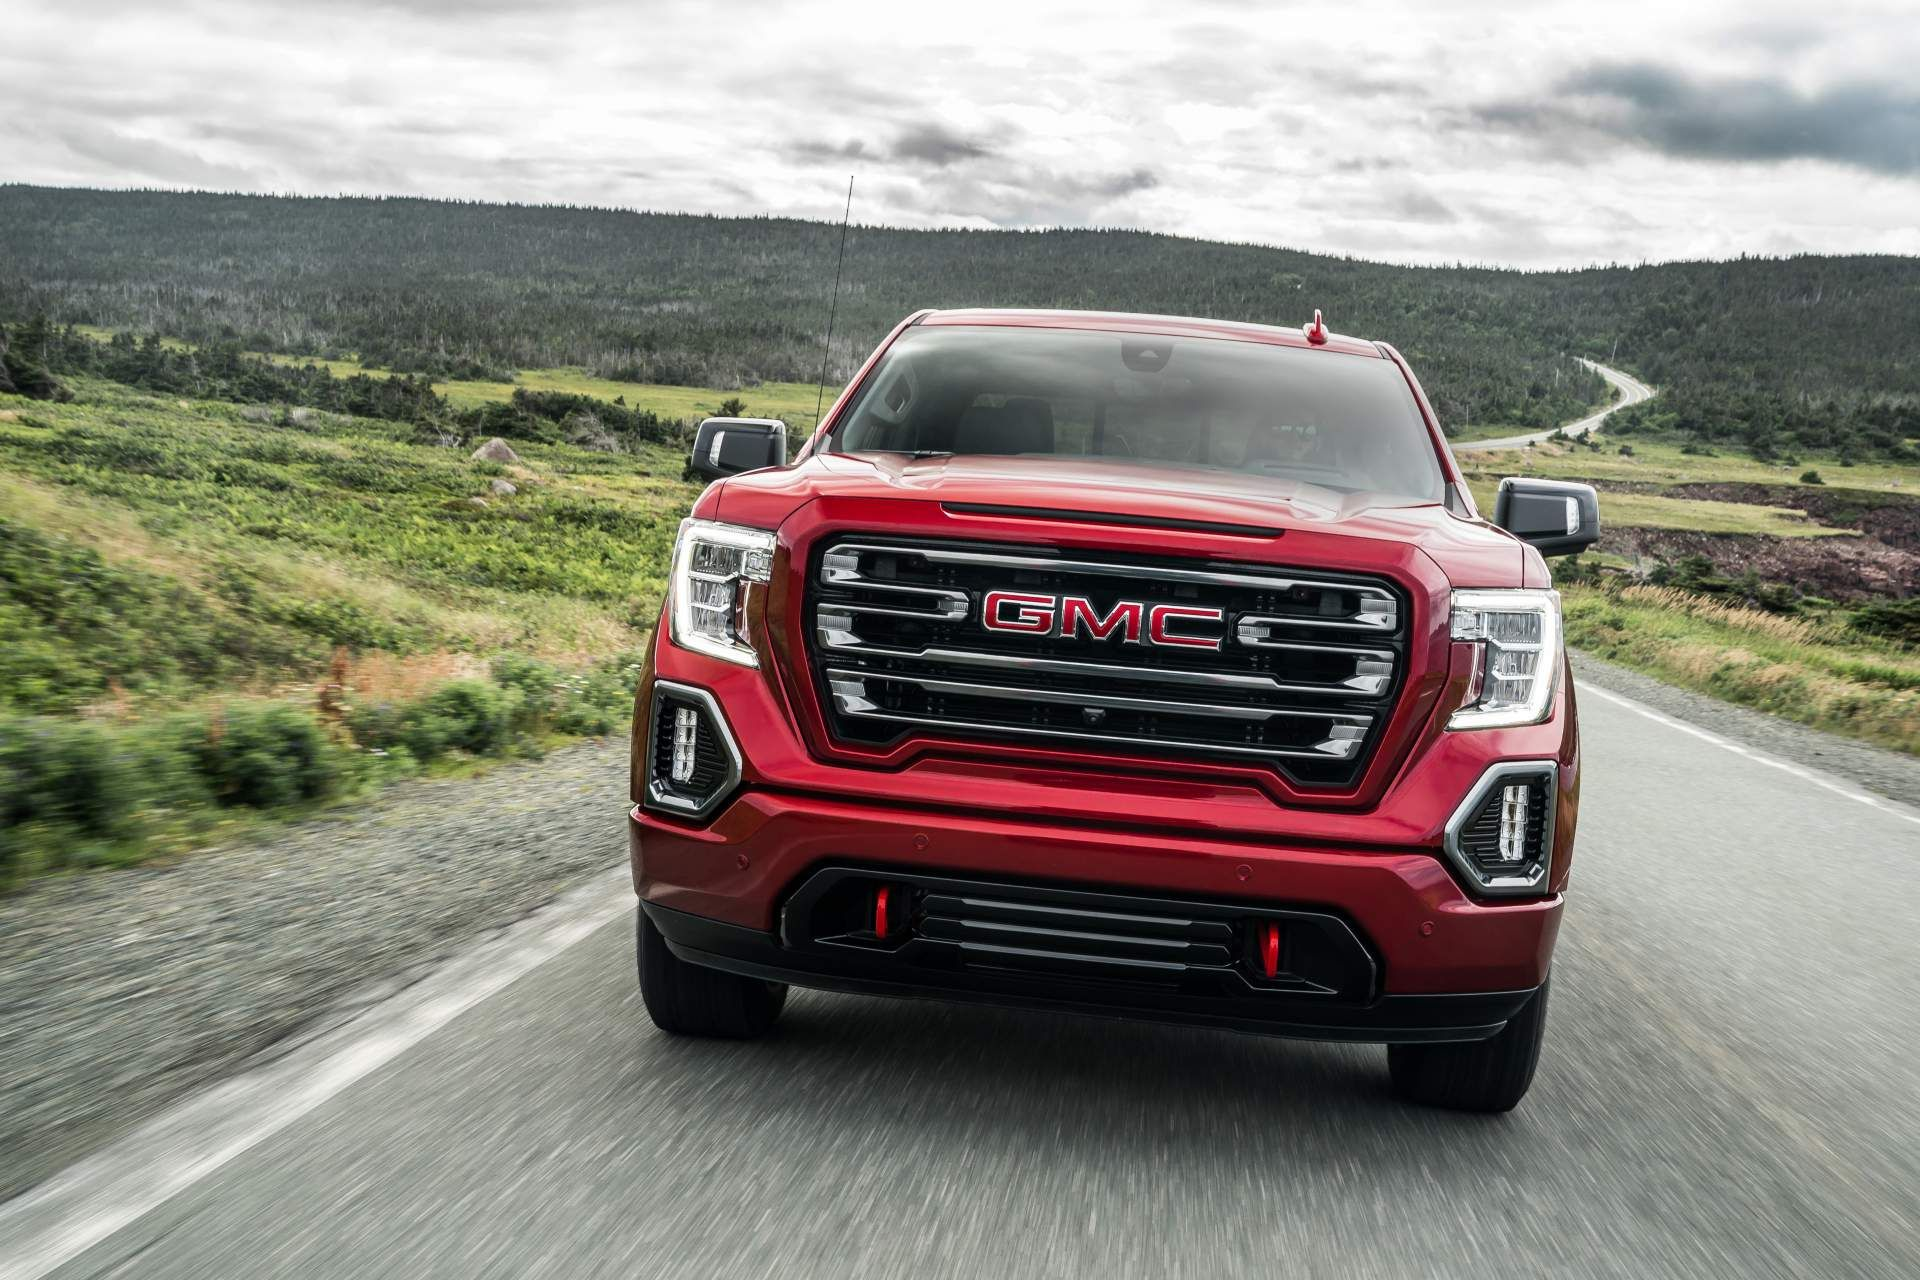 2019 Gmc Sierra At4 Off Road Performance Package Gains 435hp 6 2l V8 In 2020 Gmc Sierra Gmc Sierra 1500 American Pickup Trucks